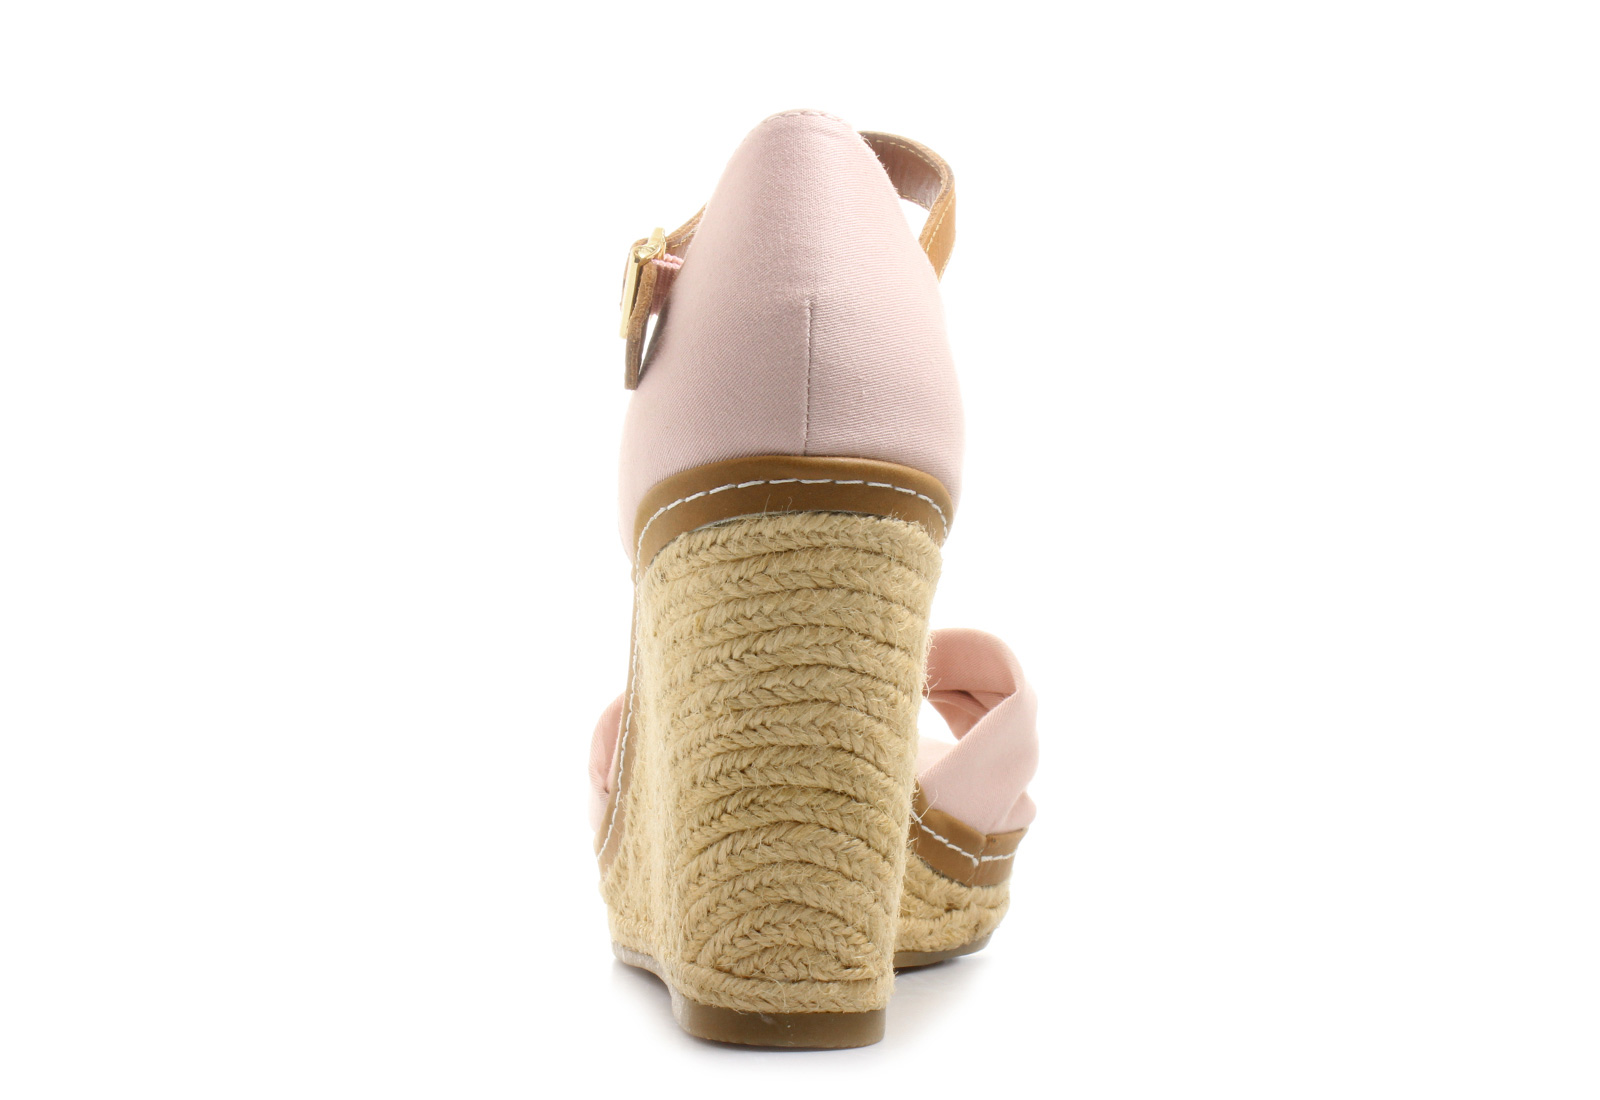 tommy hilfiger sandals emery 54d 15s 8540 615 online shop for. Black Bedroom Furniture Sets. Home Design Ideas